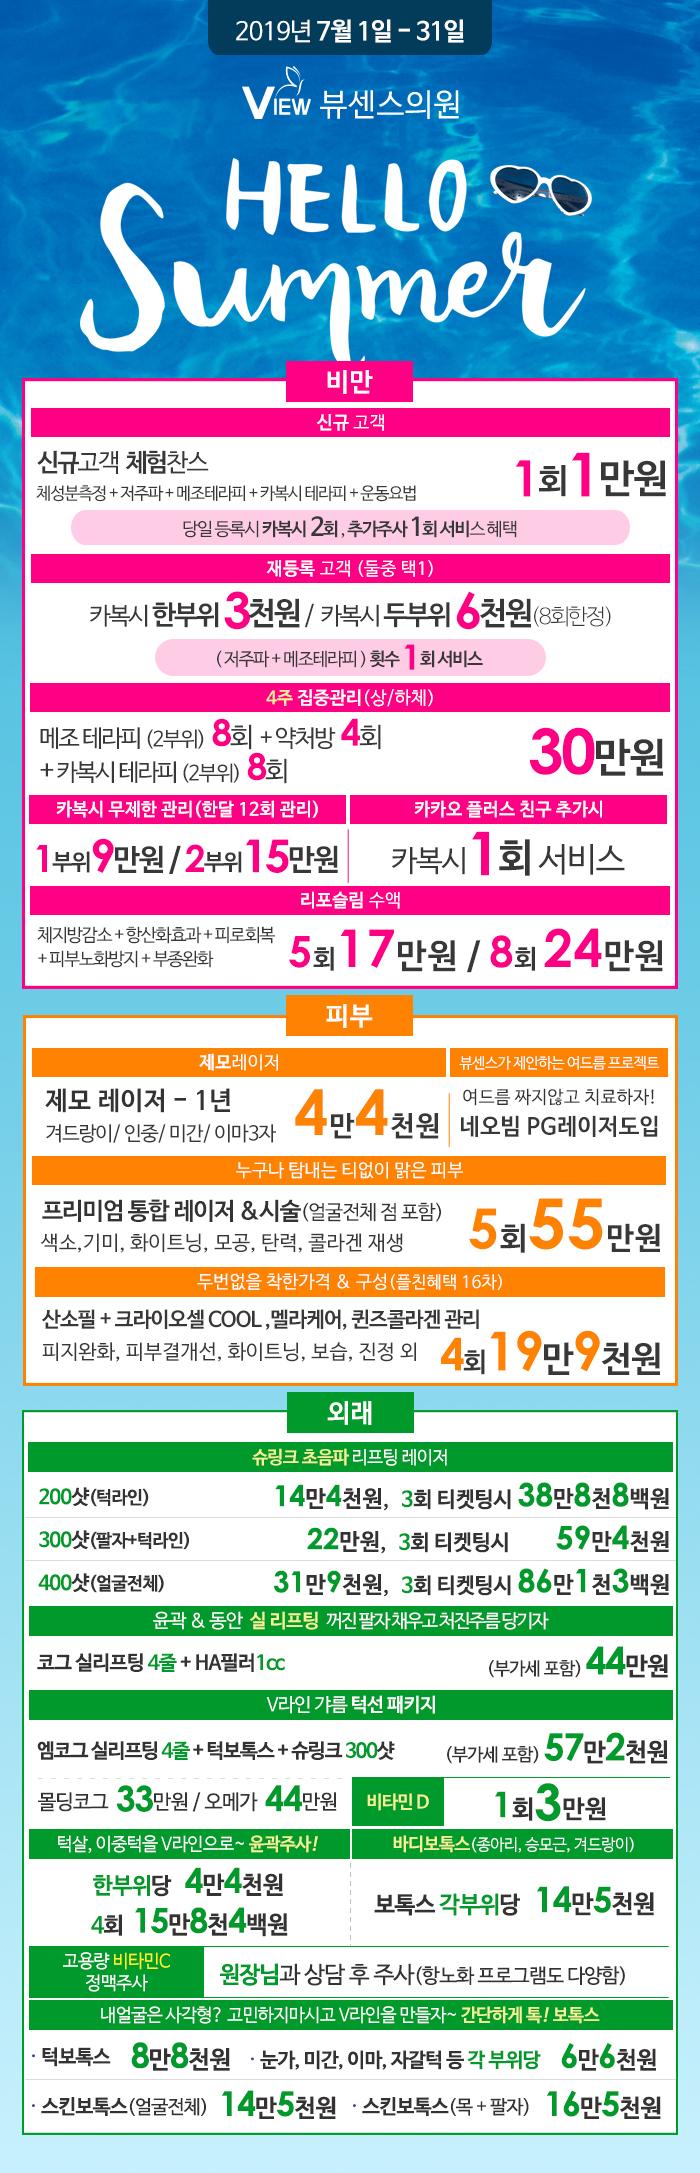 해운대_7월 이벤트 페이지.jpg